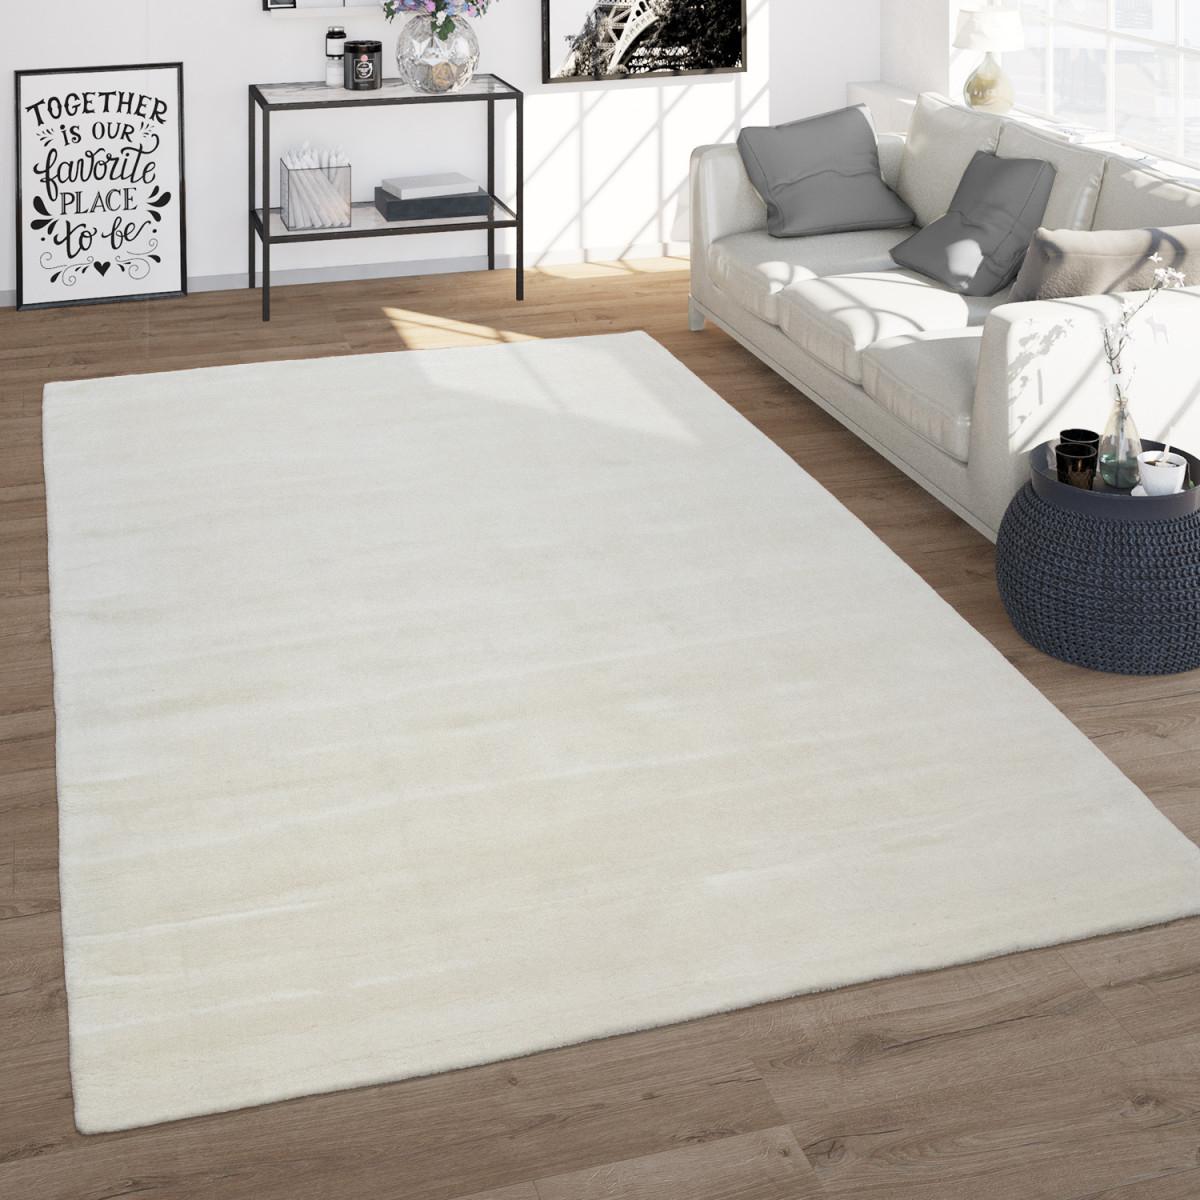 Wohnzimmerteppich Kurzflorteppich Aus Wolle Handgewebt Einfarbig In  Weiß von Teppich Wohnzimmer Wolle Photo